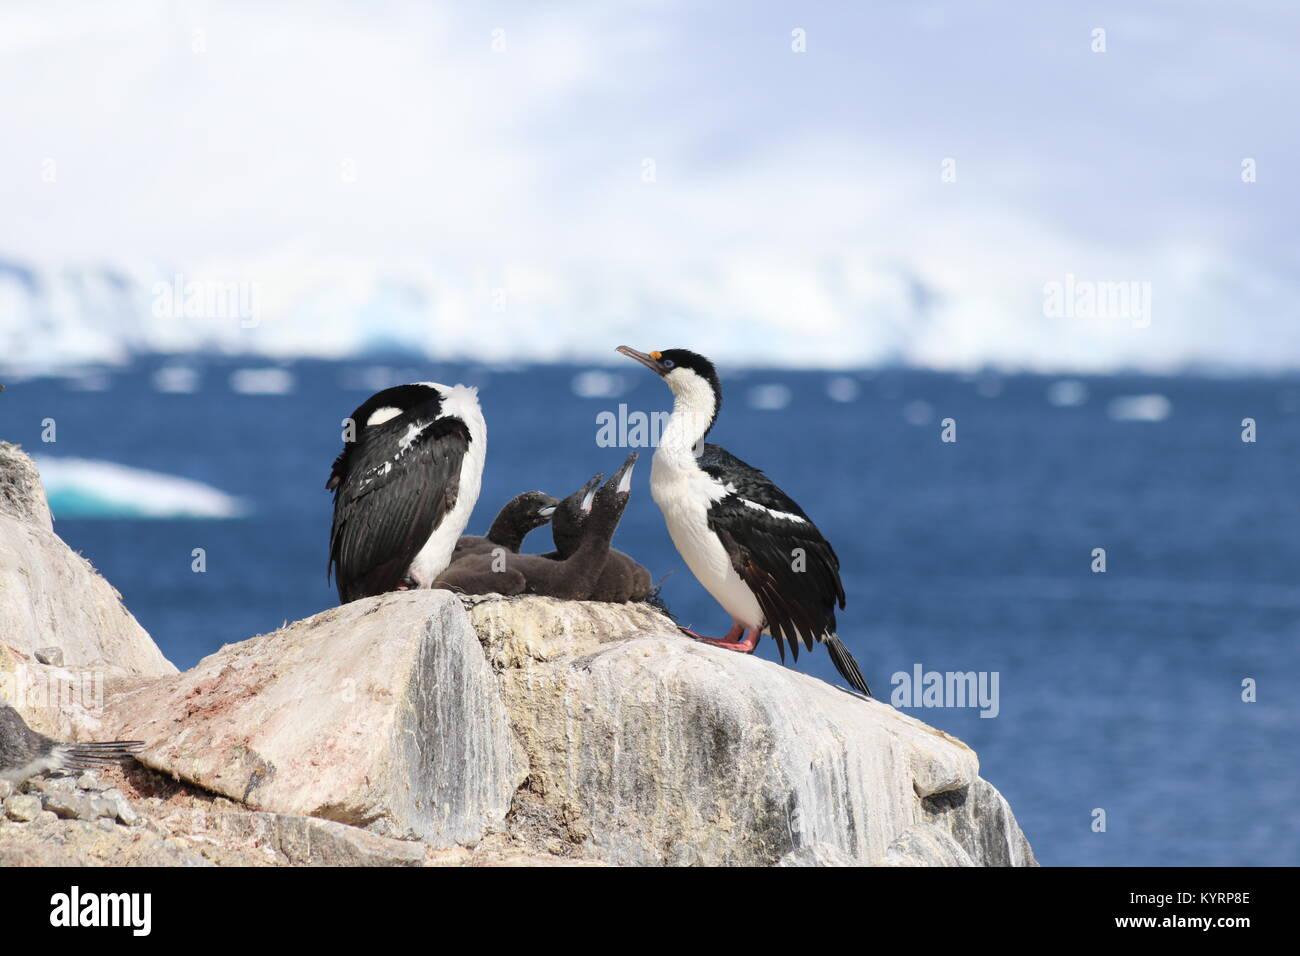 Birds in Antarctica - Stock Image